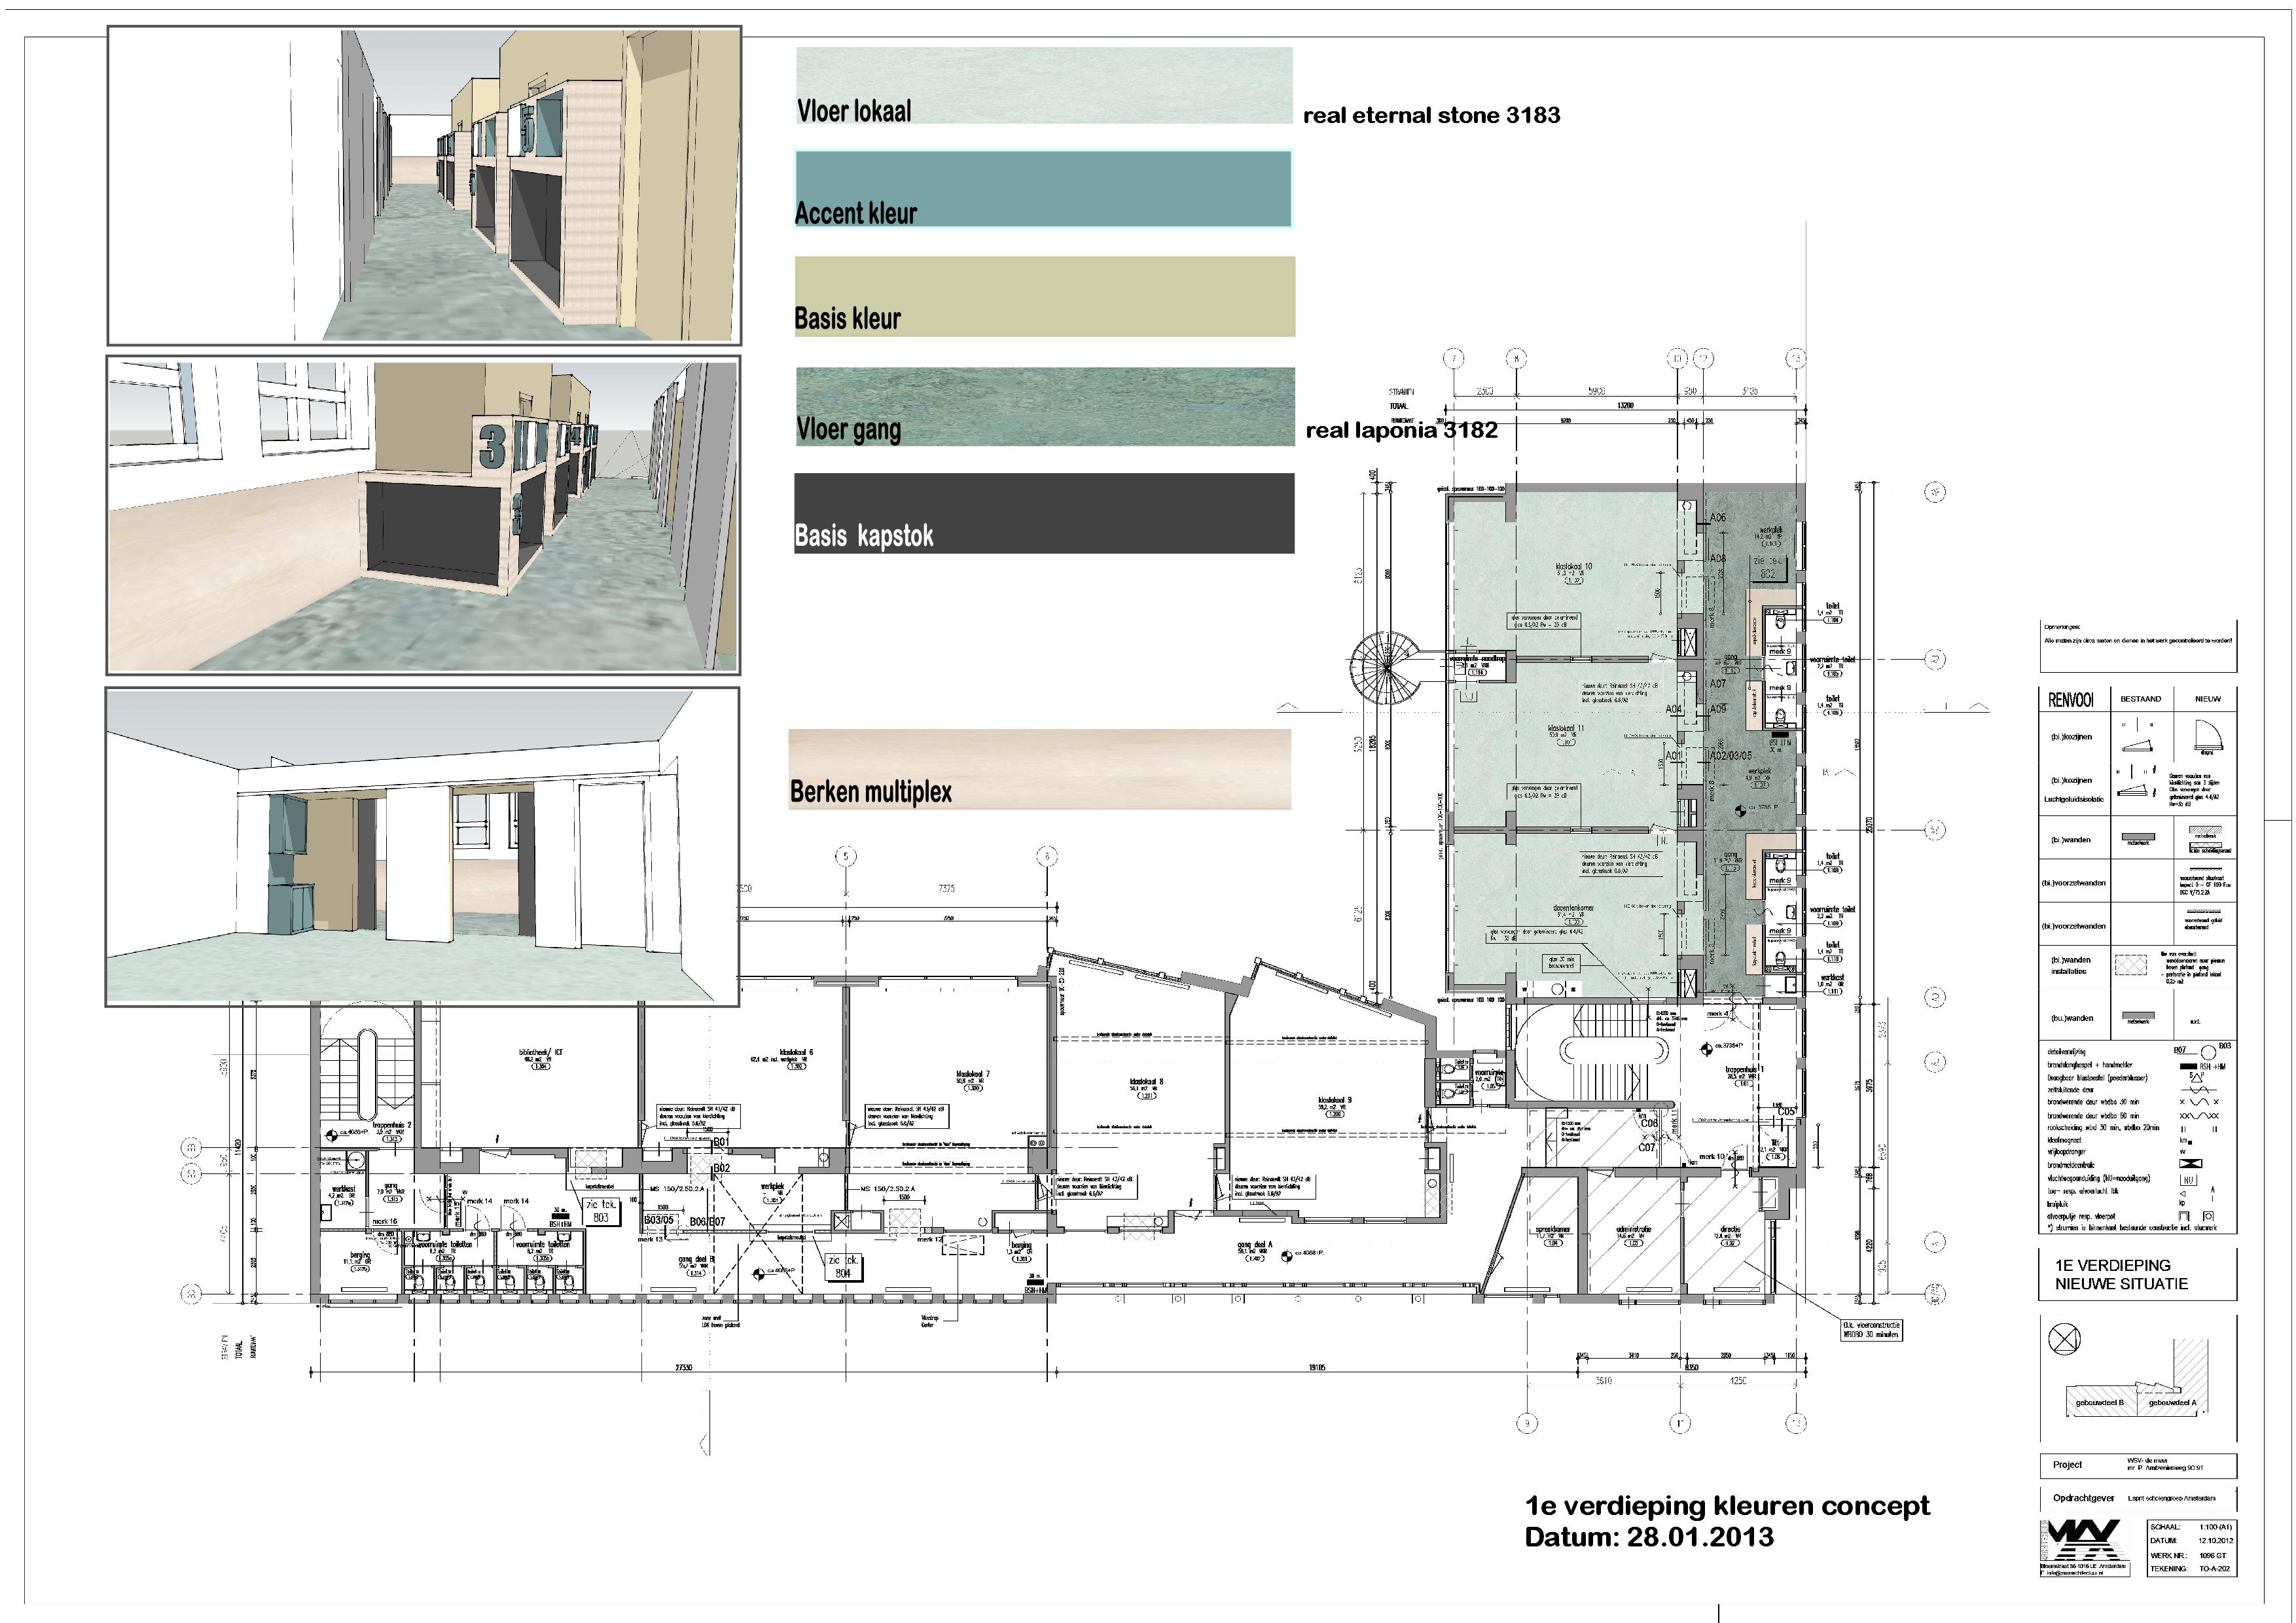 kleurenvoorstel 1e verdieping